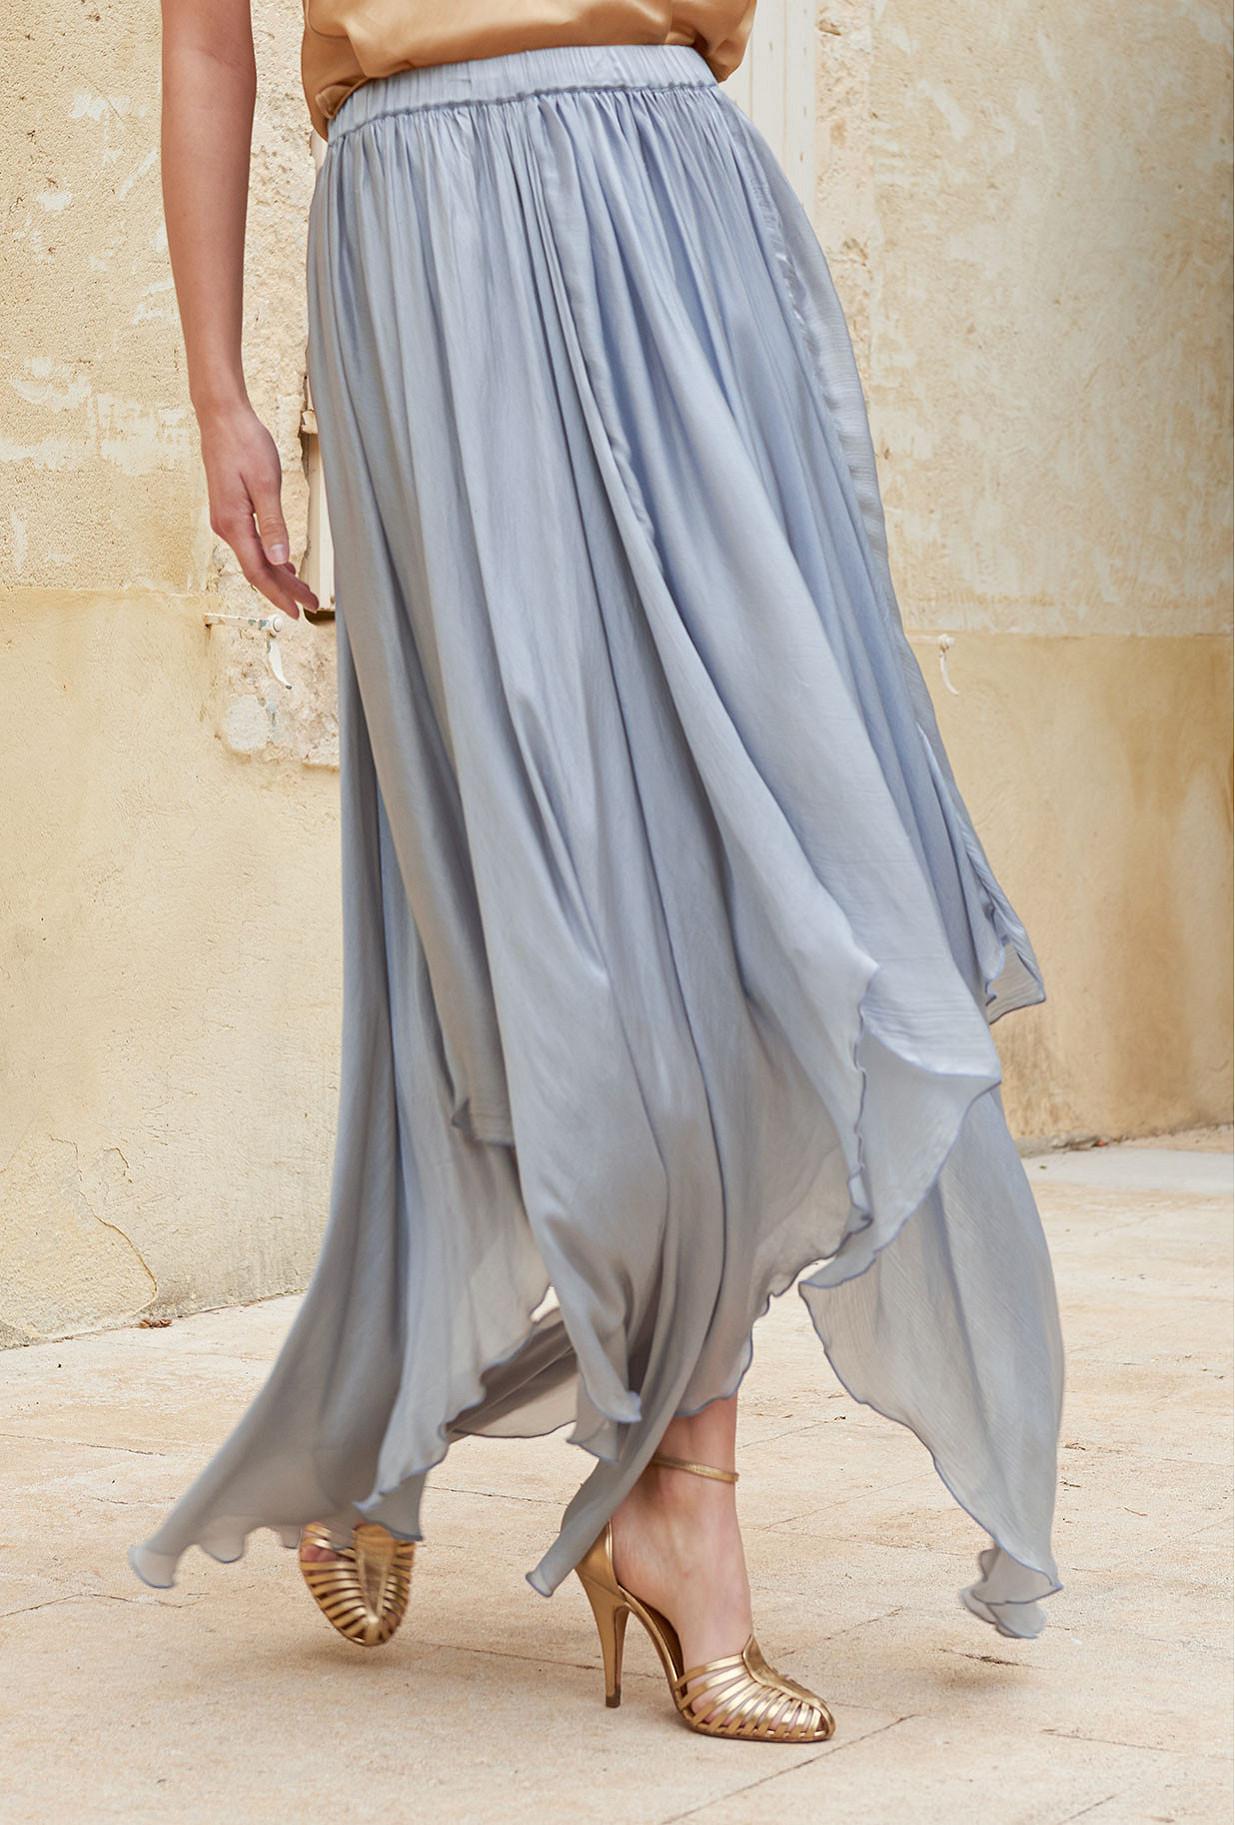 Blue  Skirt  Alizee Mes demoiselles fashion clothes designer Paris